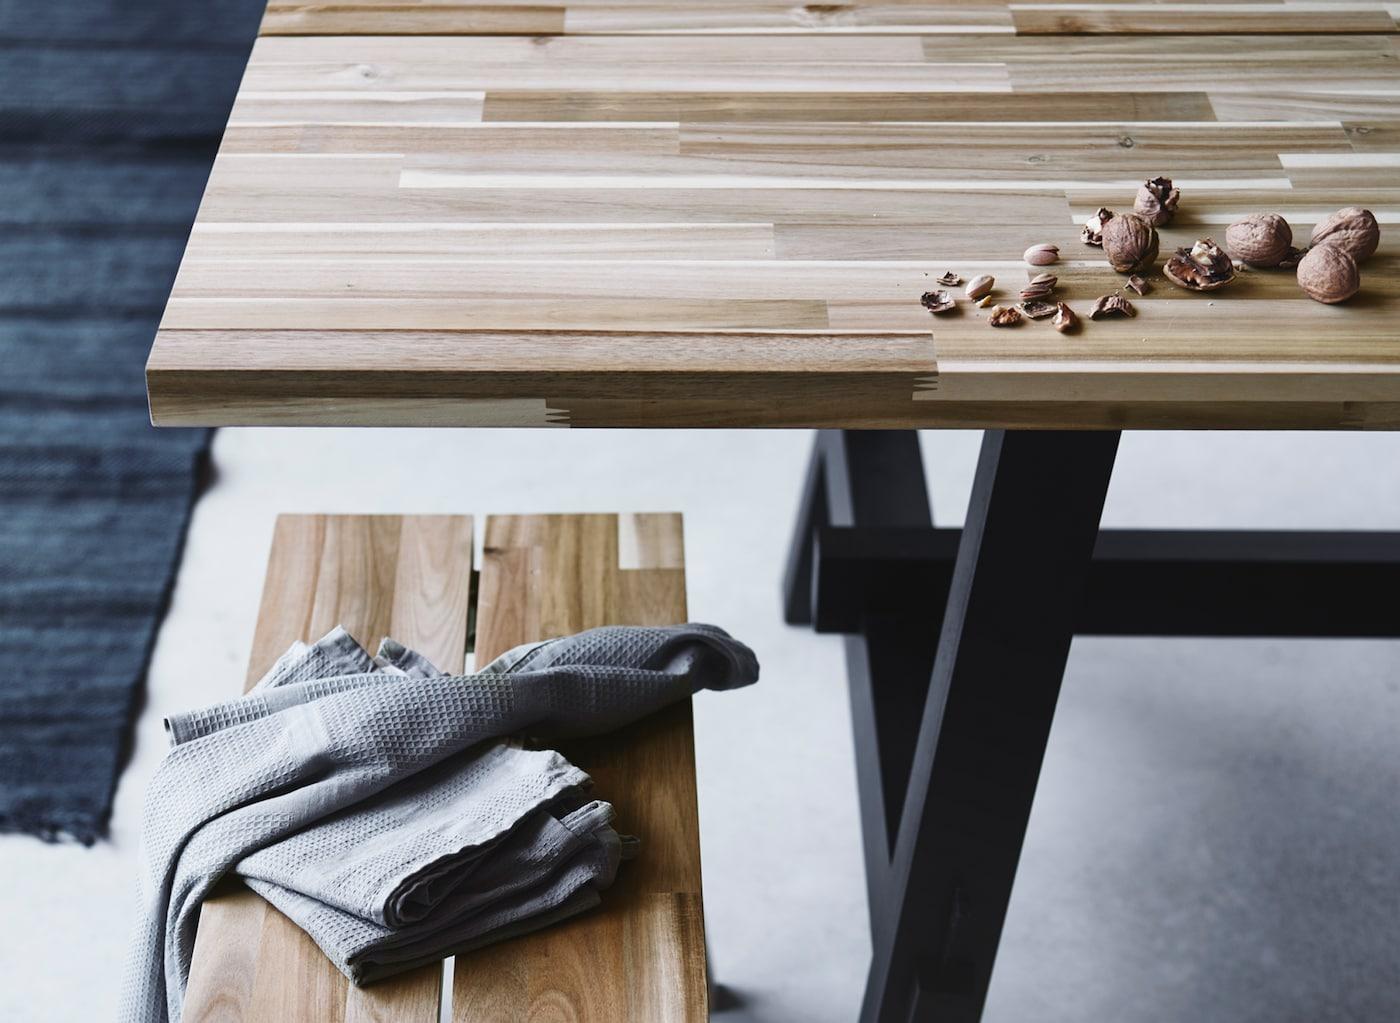 Een rechthoekige SKOGSTA eettafel en bank in Skandinavische stijl, vervaardigd uit hout met een nerfpatroon en kleurvariaties.